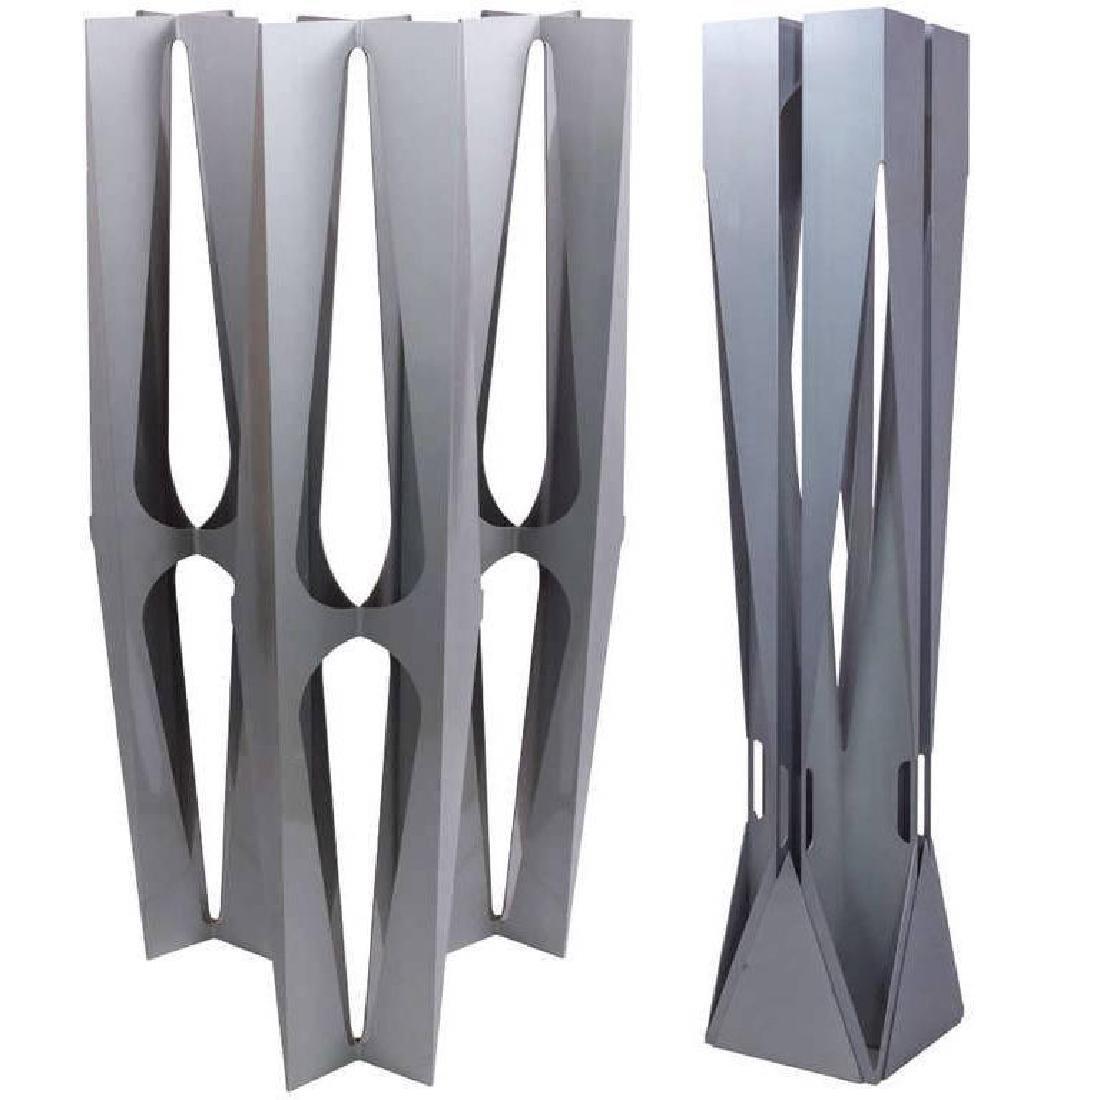 Robert Zeidman Aluminum Sculpture